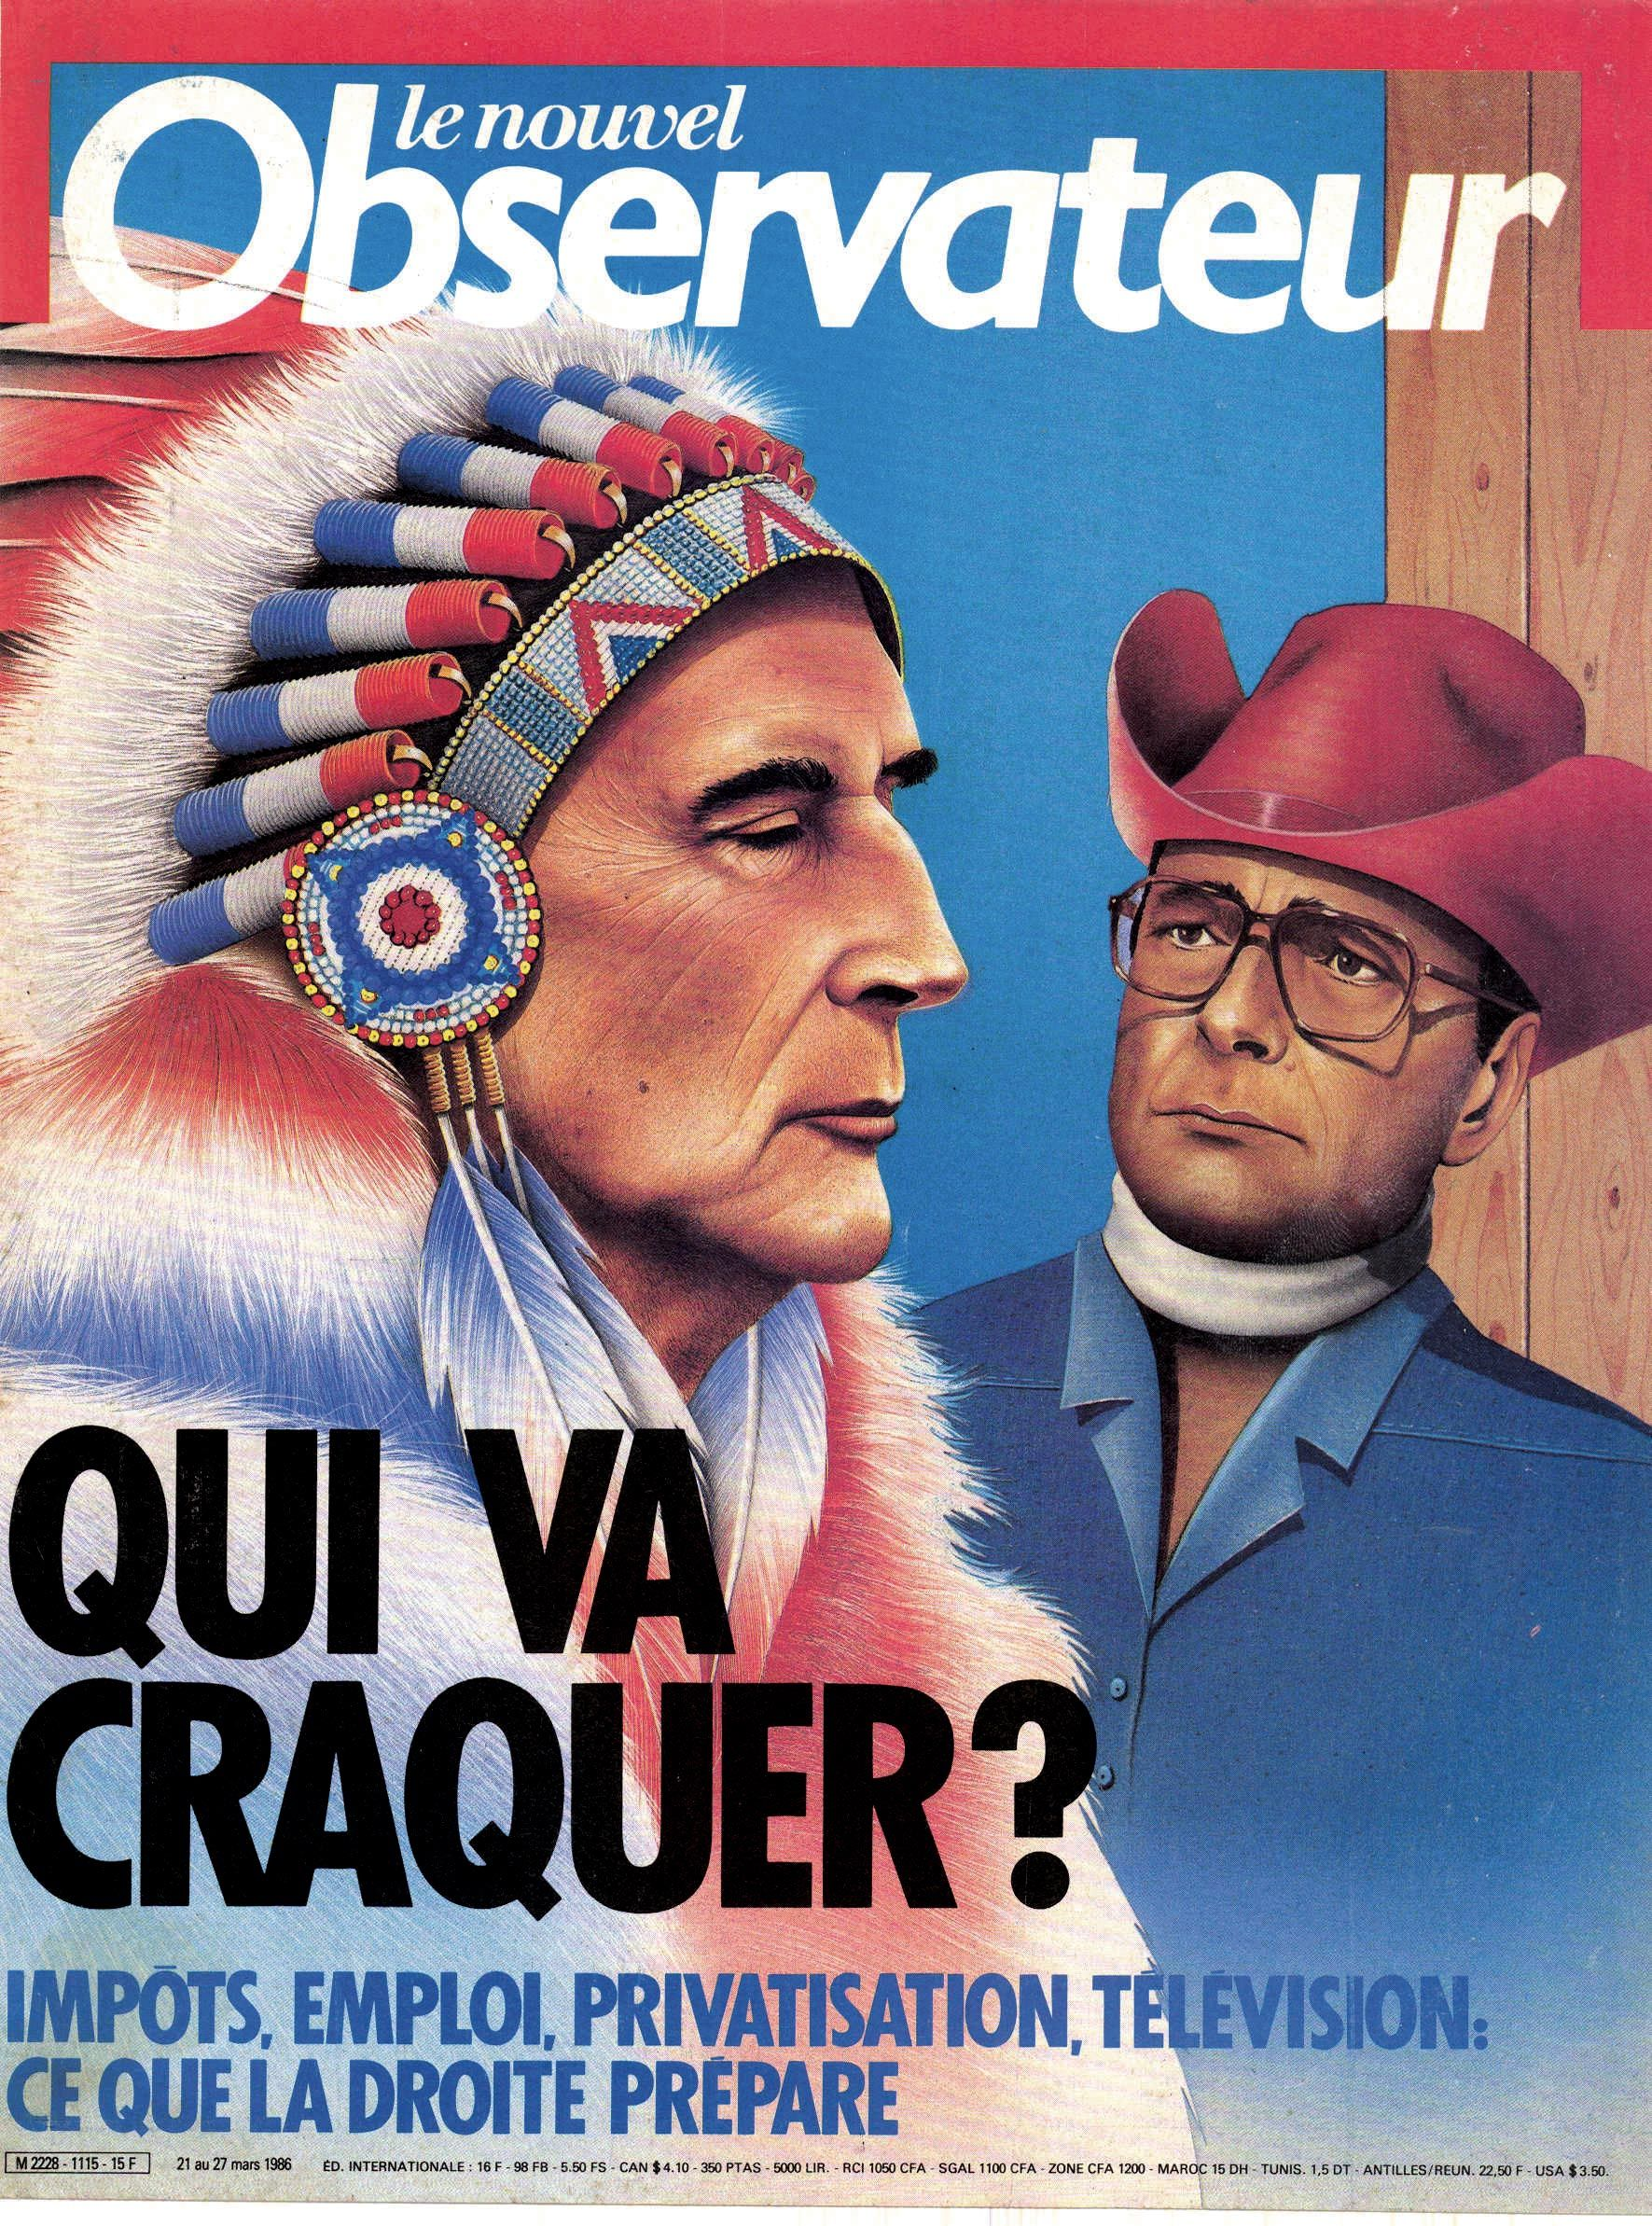 <stamp theme='his-green2'>Doc. 2</stamp> Une du magazine Le nouvel Observateur pour la première cohabitation, entre François Mitterrand et Jacques Chirac en 1986.